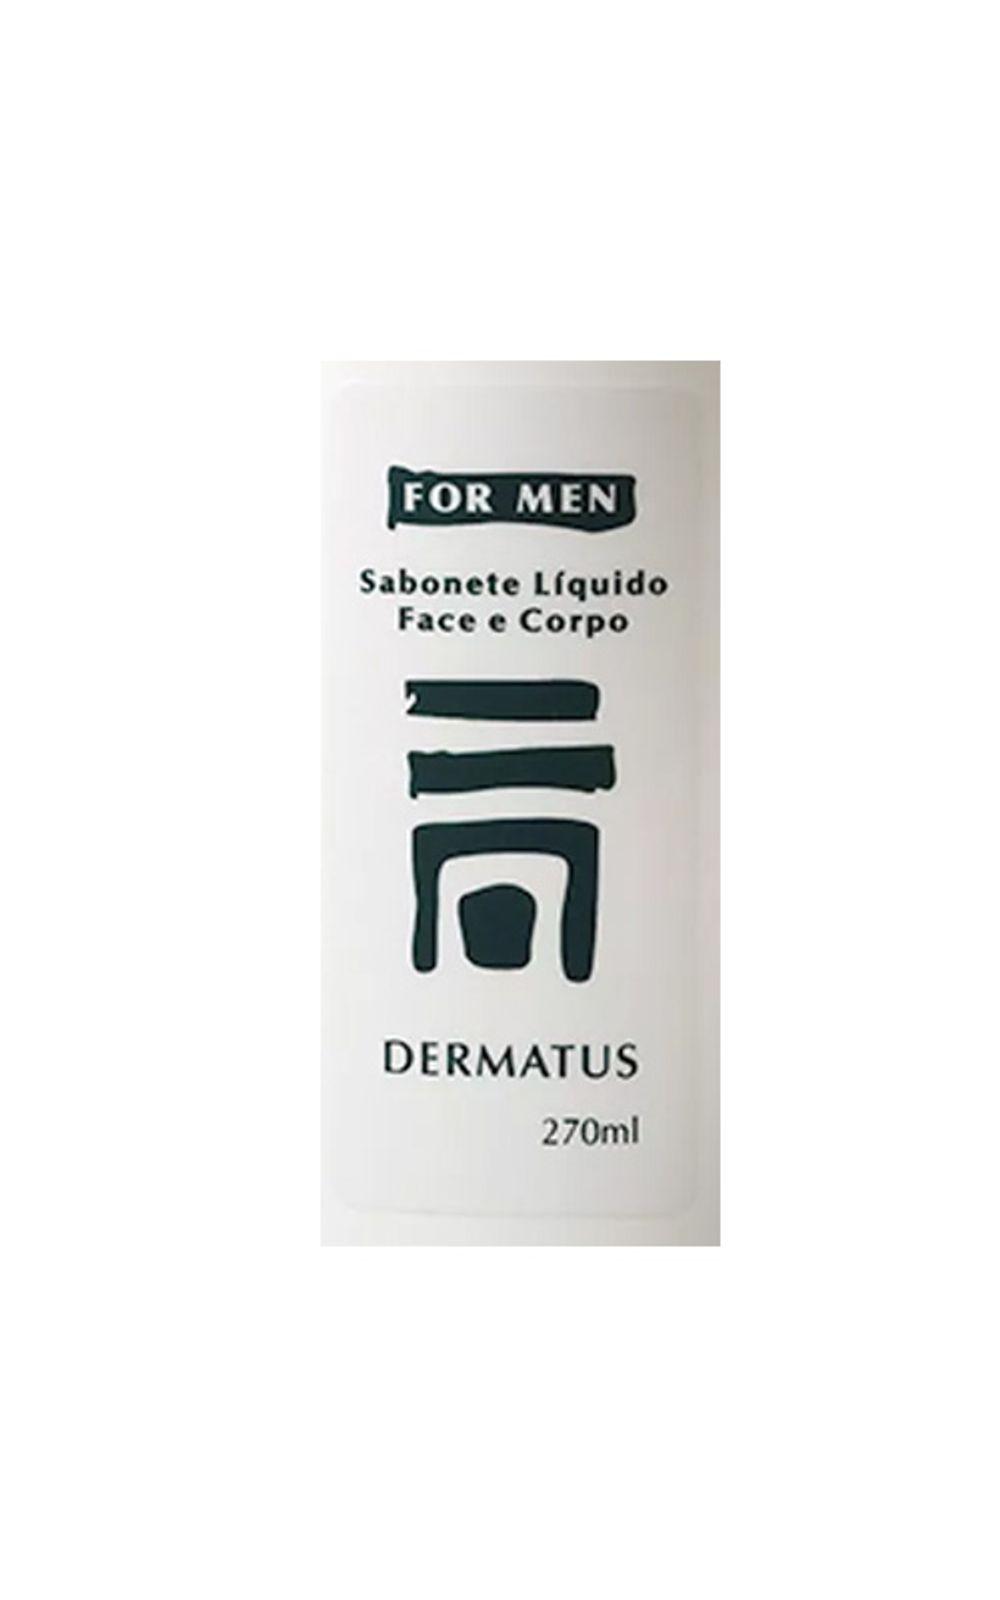 Foto 2 - Dermatus For Men Sabonete Face e Corpo Dermatus - Limpador Facial e Corporal - 270ml